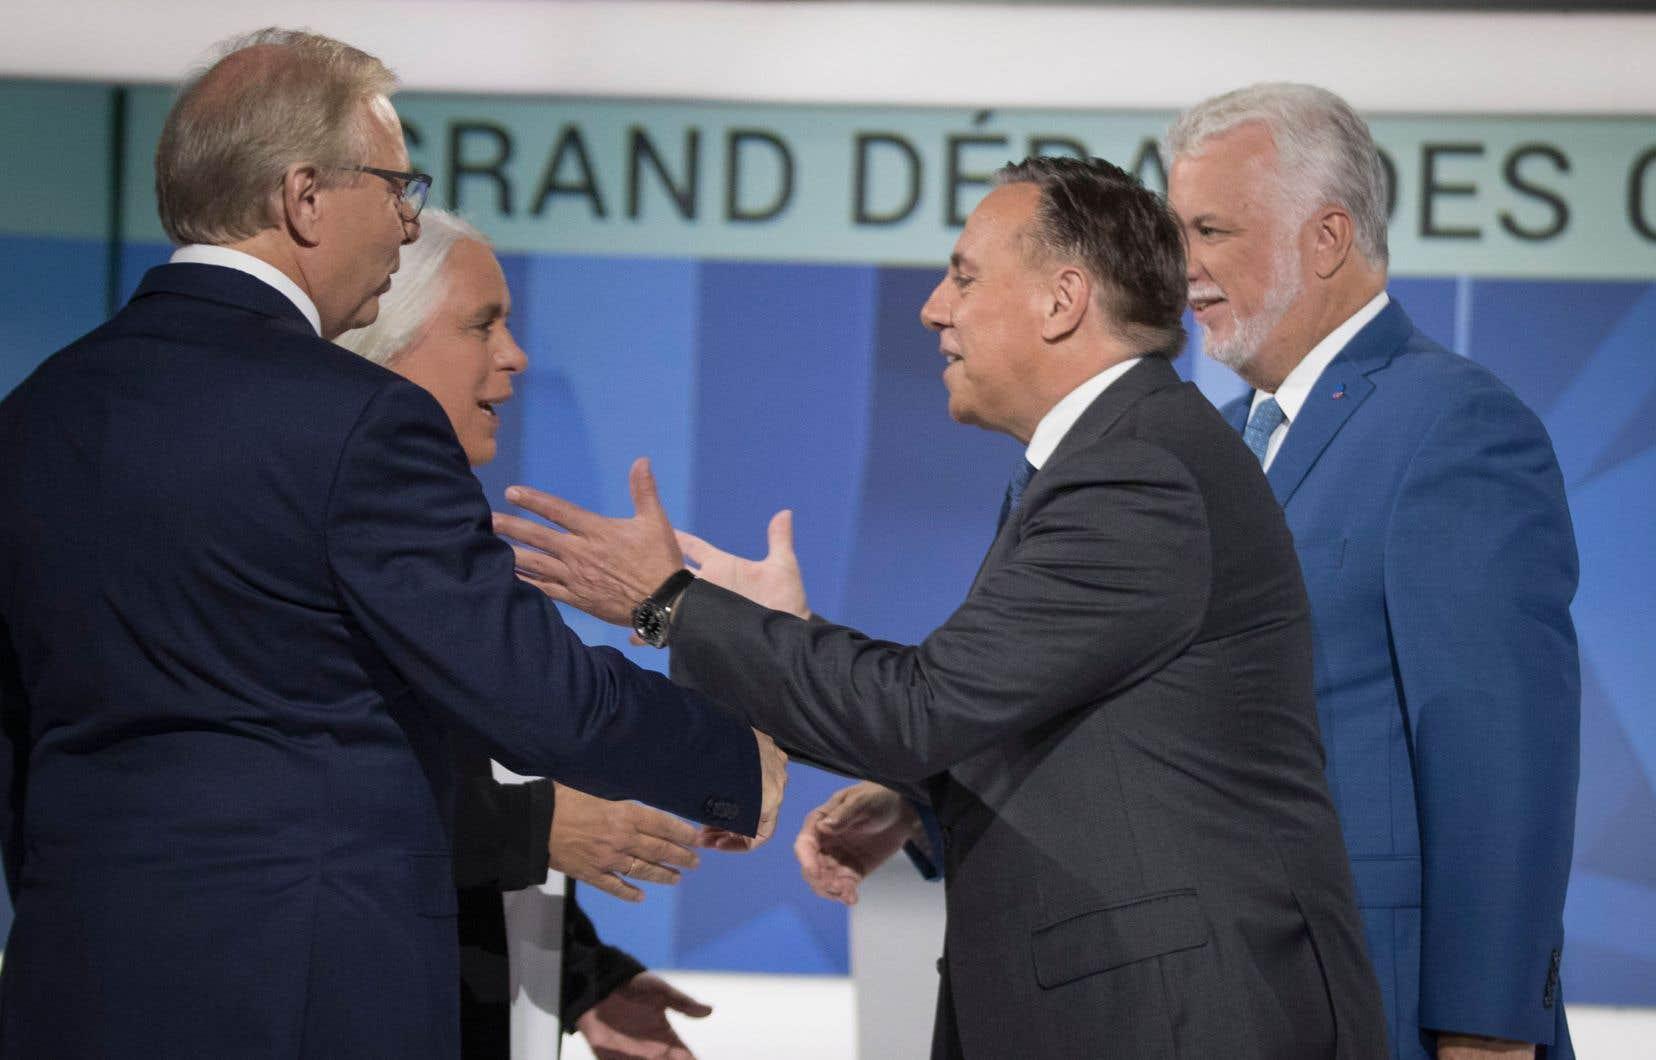 Jean-François Lisée (PQ), Manon Massé (QS), François Legault (CAQ) et Philippe Couillard (PLQ) ont croisé le fer à l'occasion du premier débat des chefs.